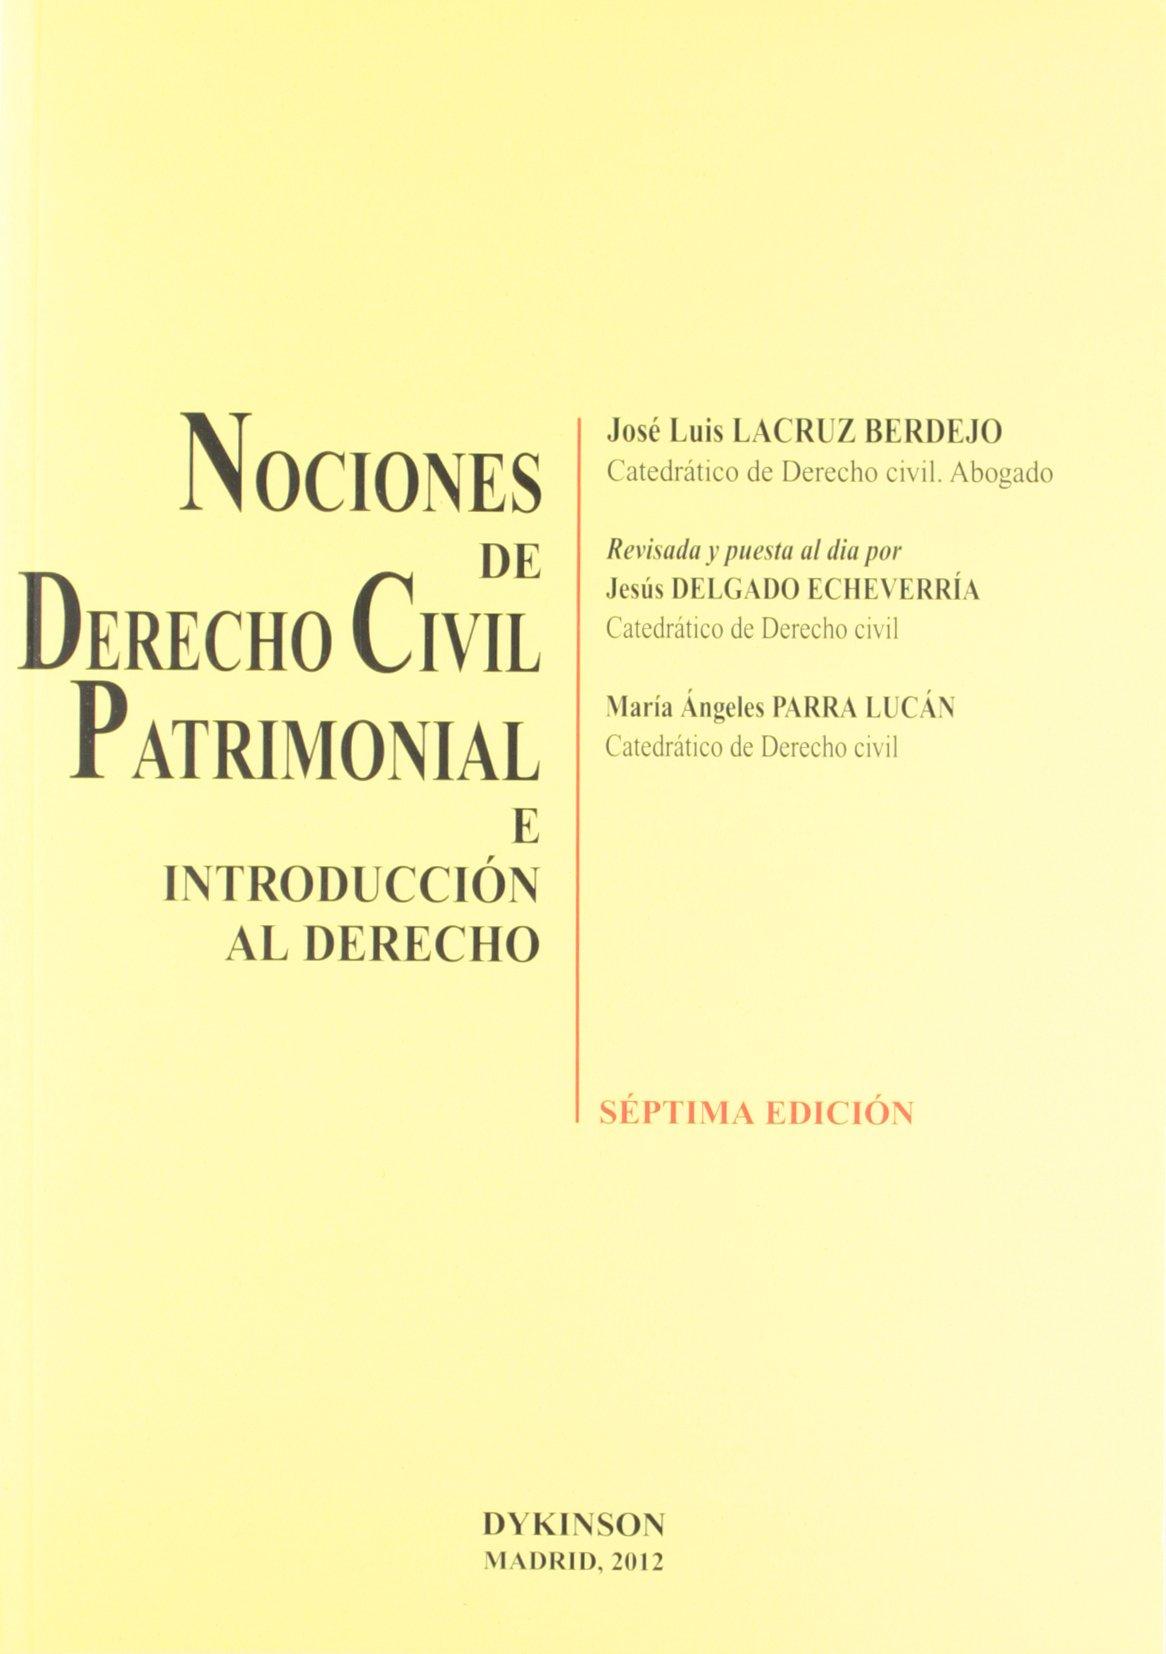 Nociones de Derecho Civil Patrimonial e introducción al derecho ...